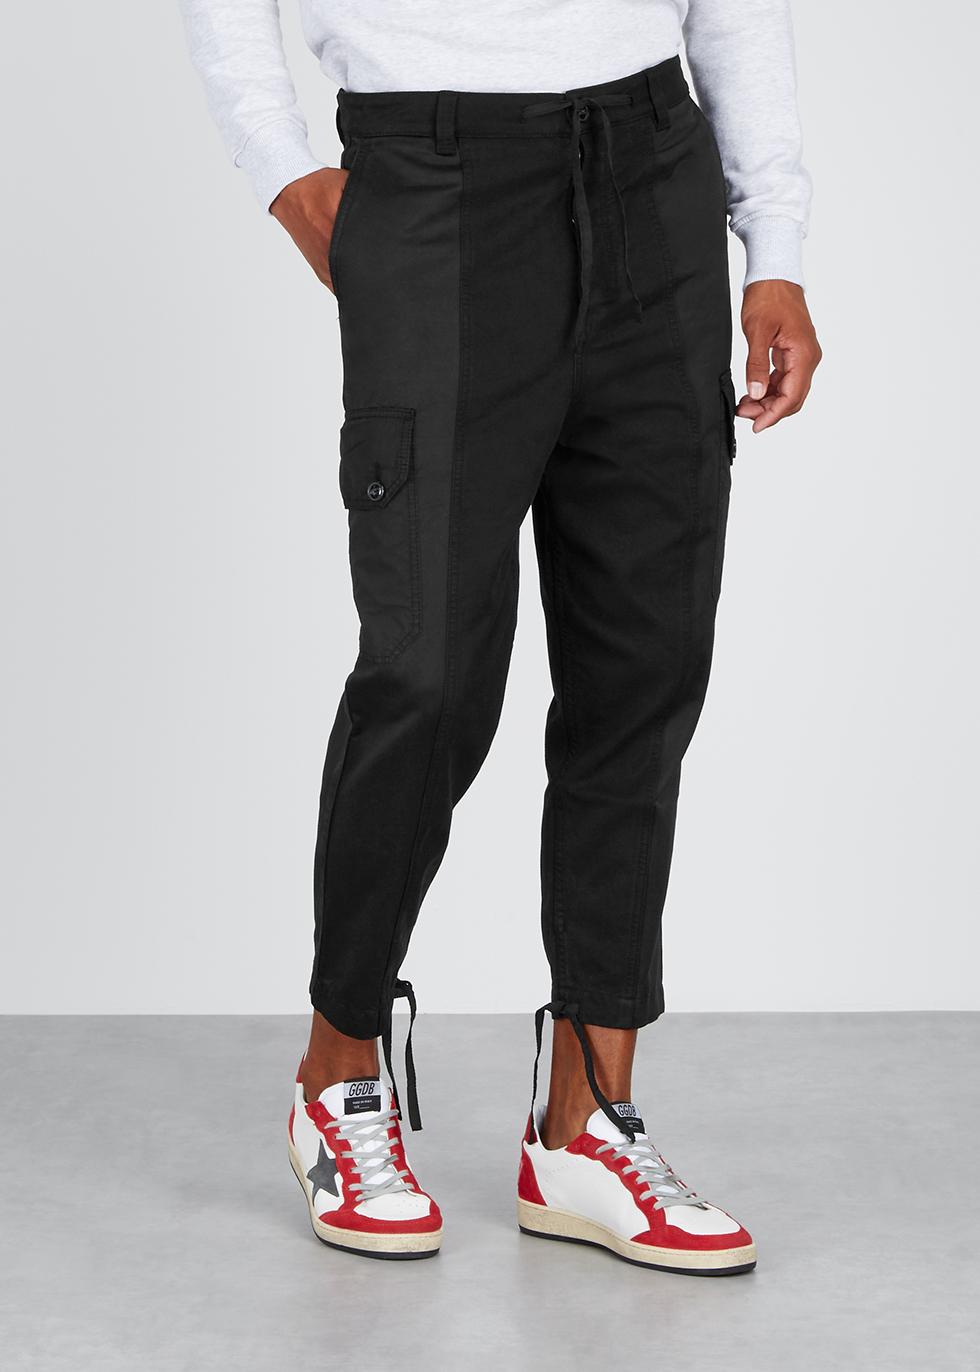 Black cotton patchwork trousers - AMI